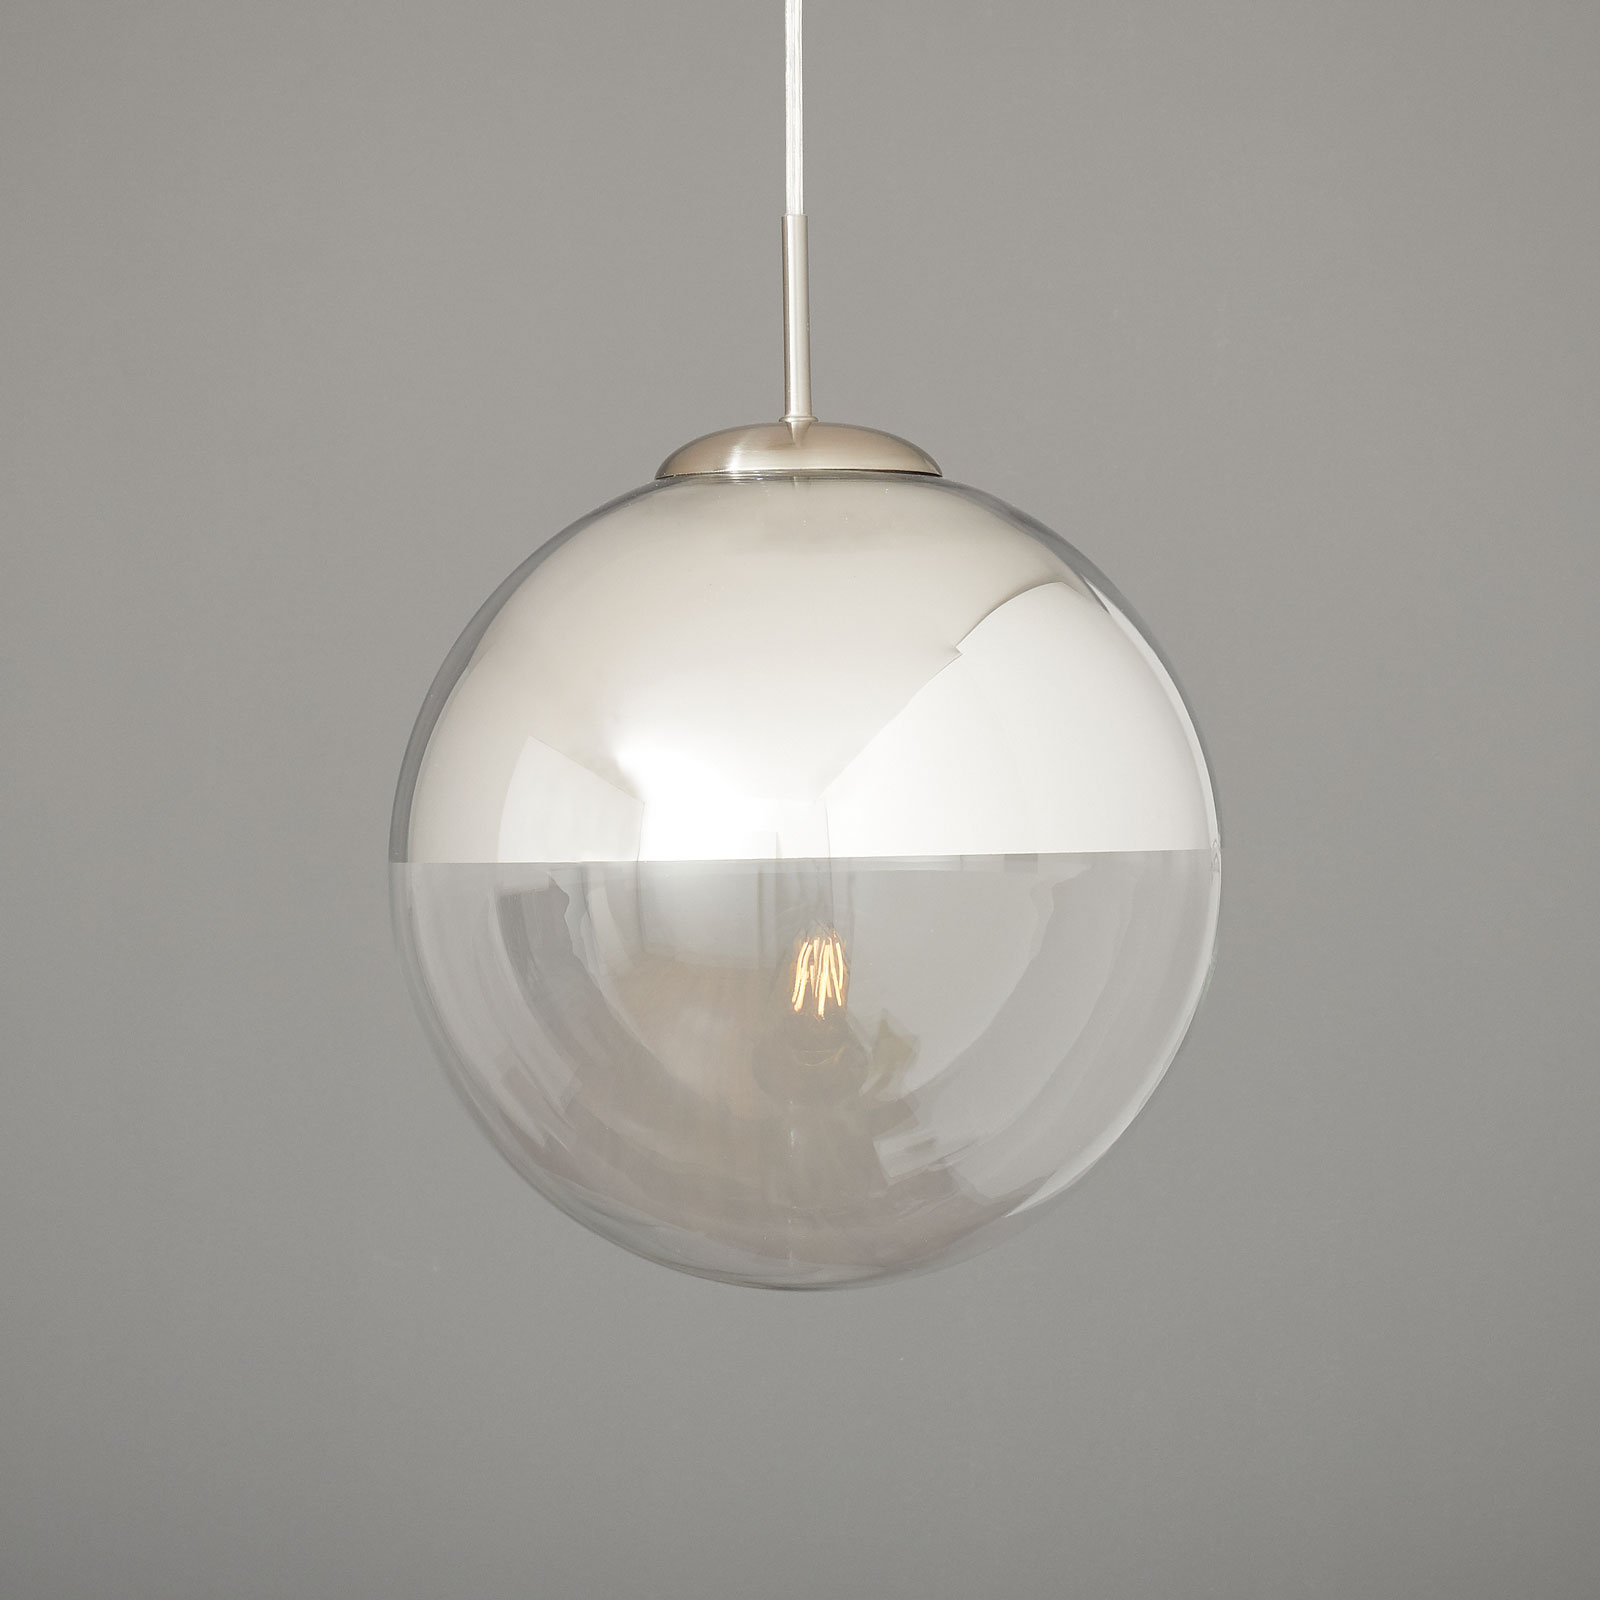 Hanglamp Ravena met glazen bollen, 1 lamp